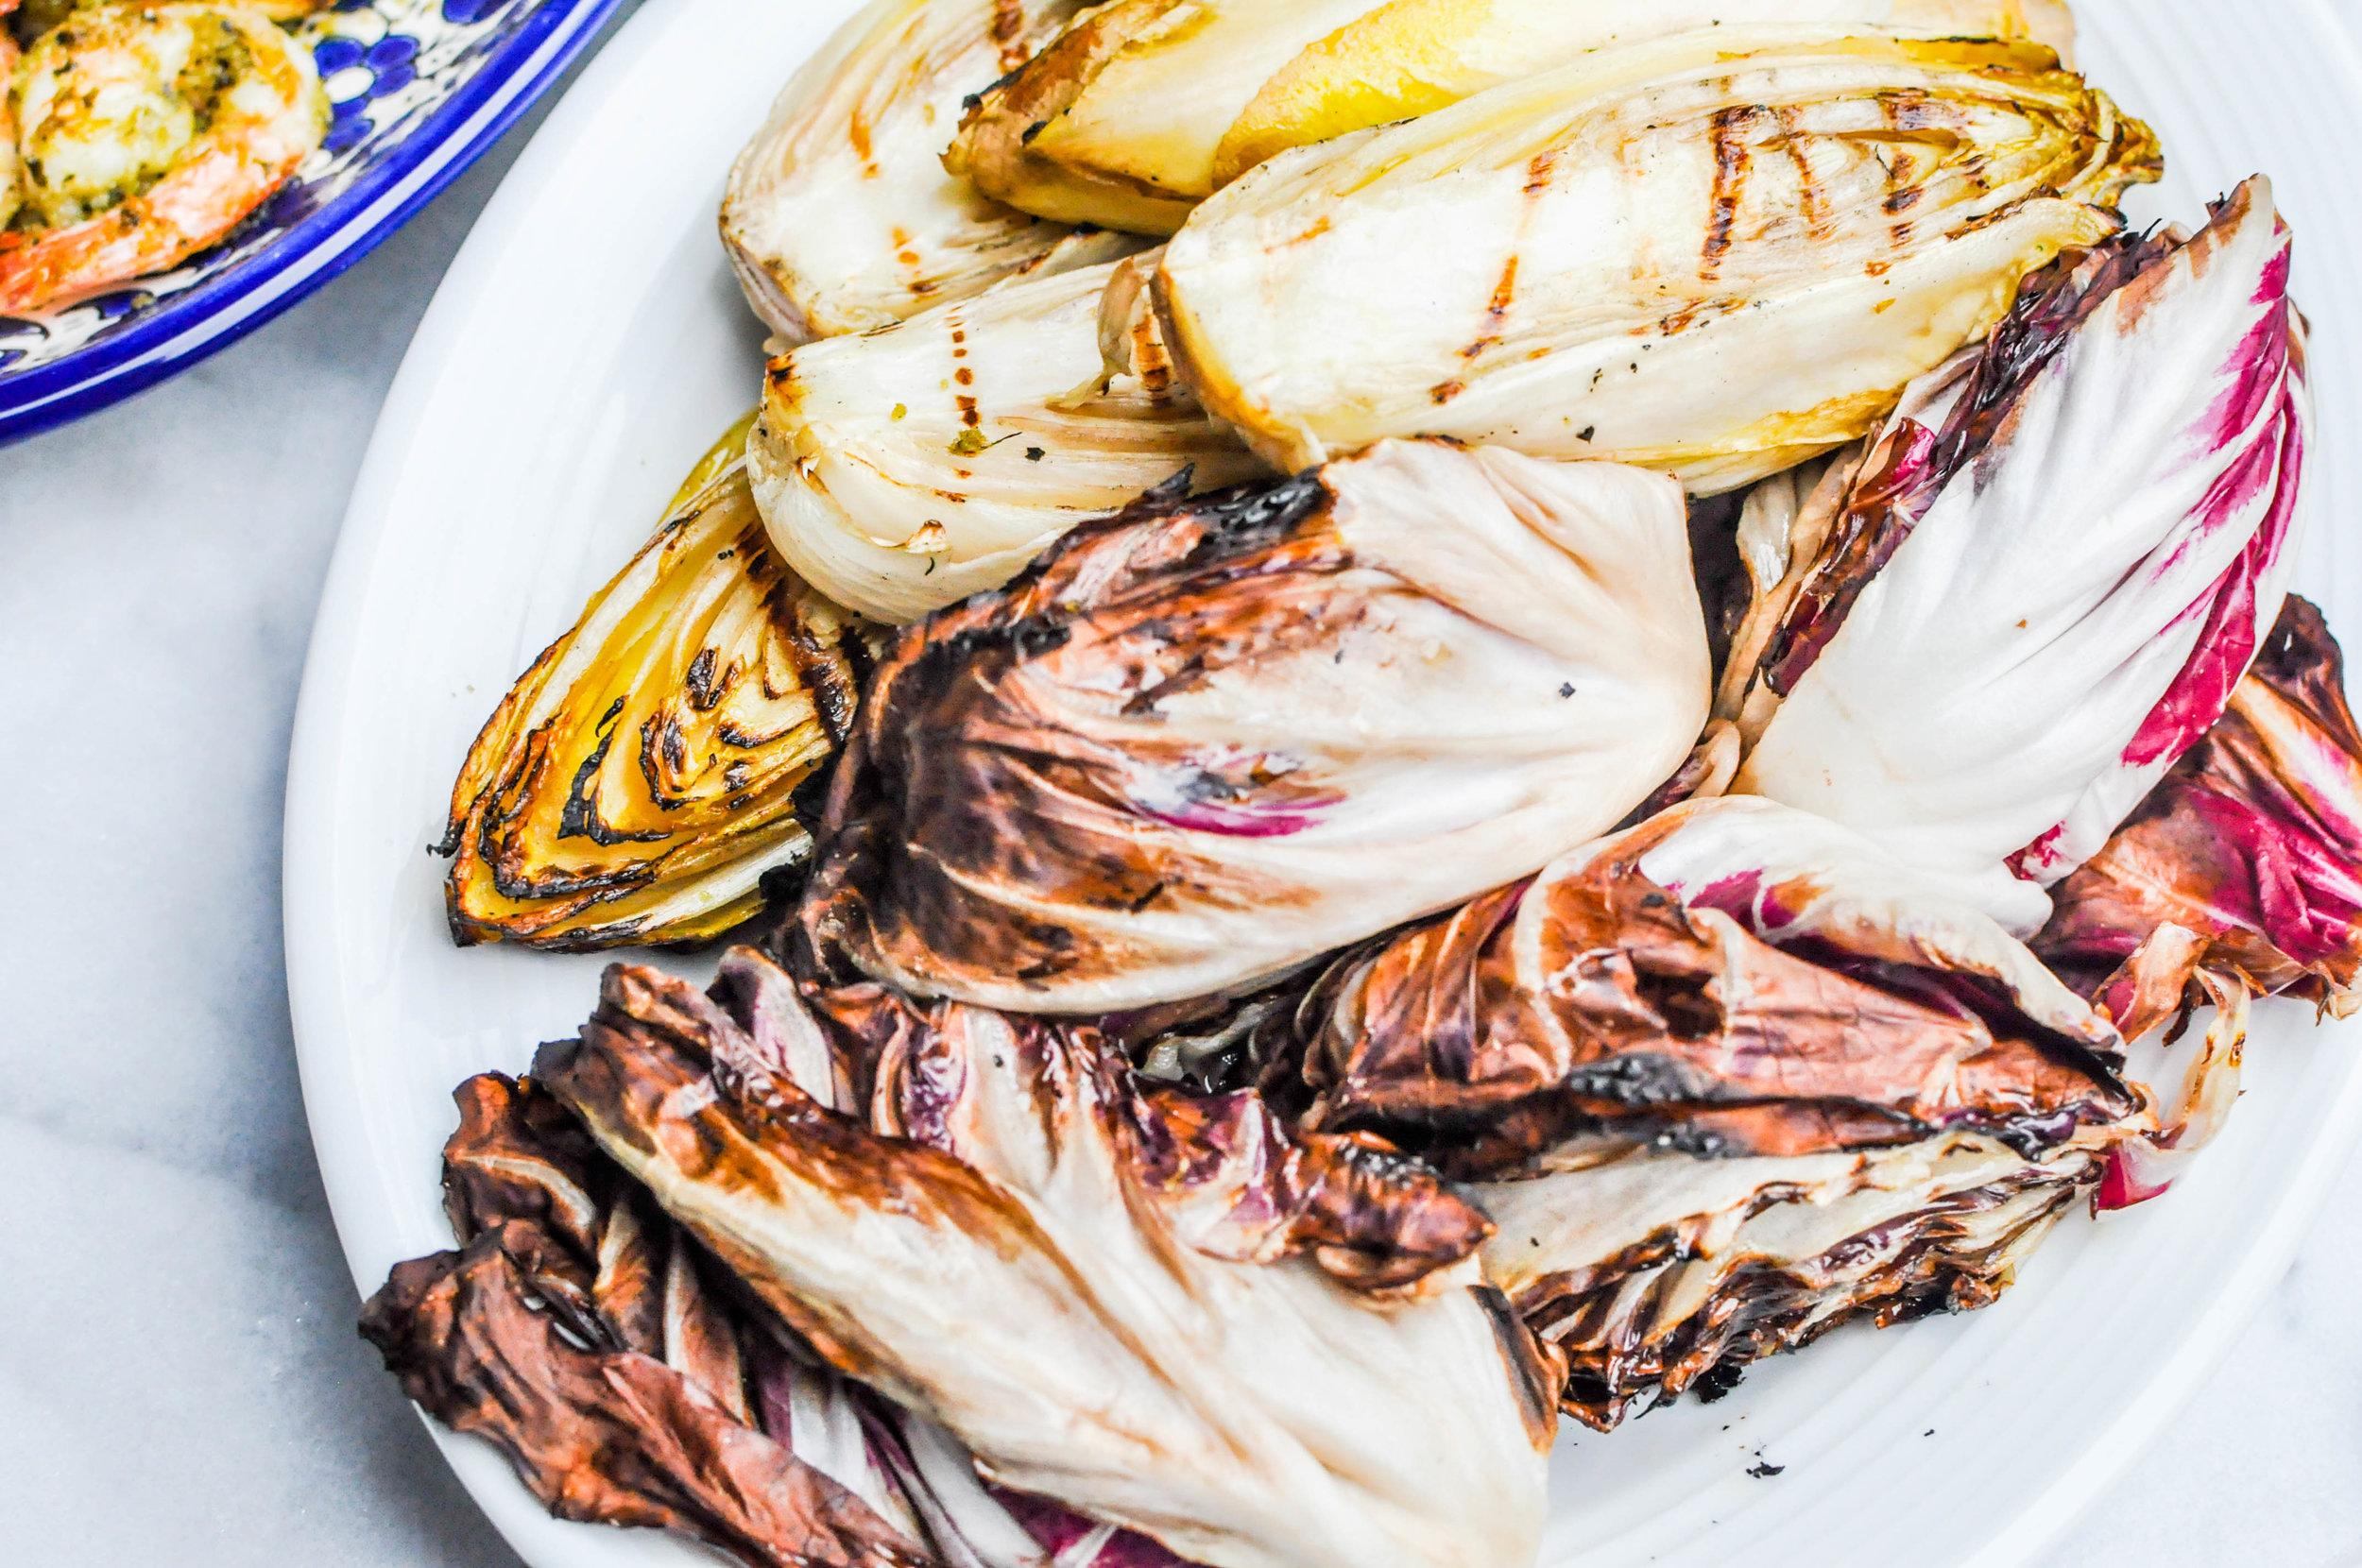 Grilled Shrimp and Endives Recipe